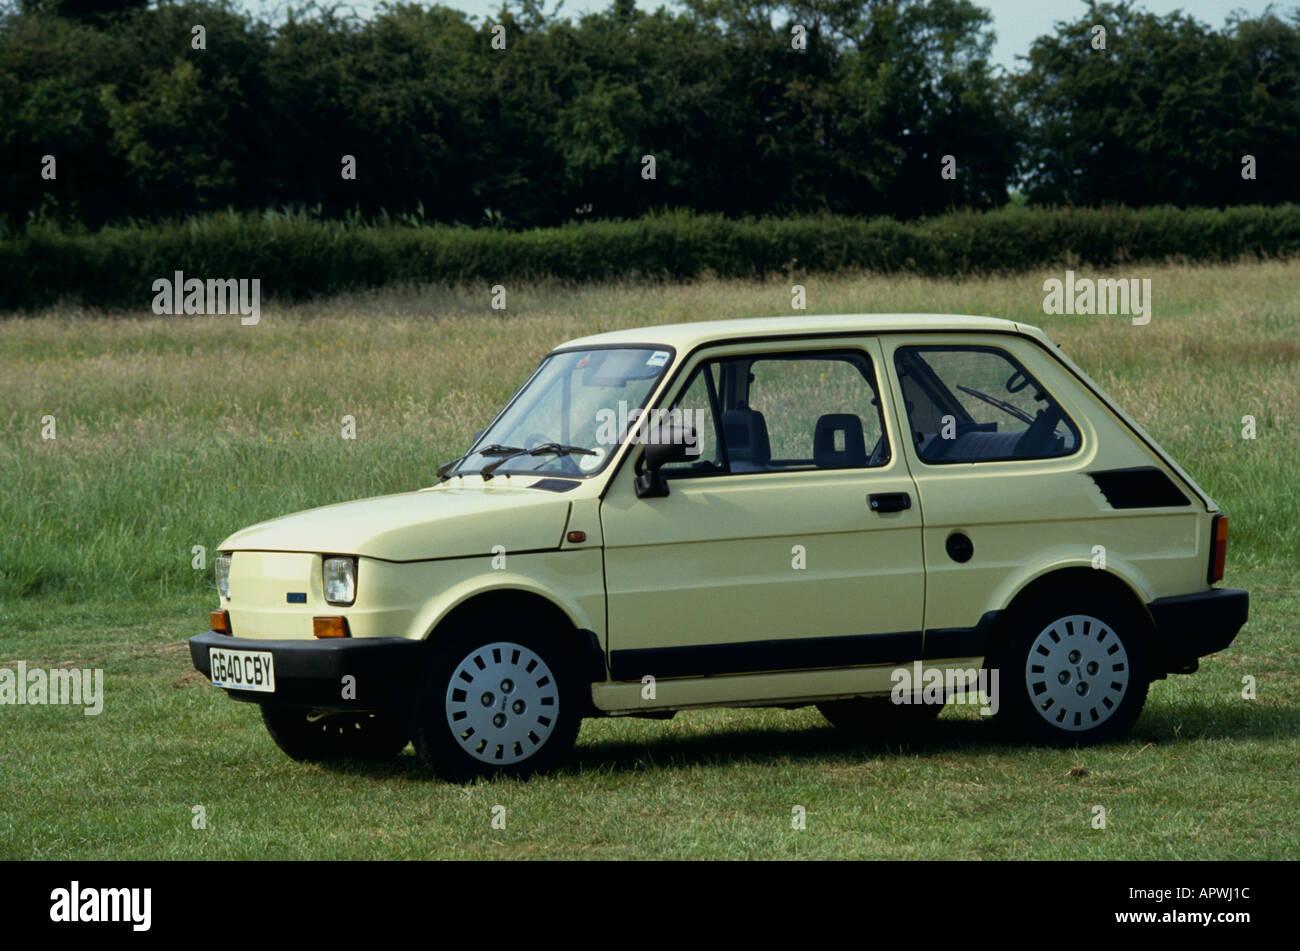 Vergleiche über 39 fiat 126 gebrauchtwagen angebote im netz und finde so dein neues auto! Fiat 126 Bis Introduced 1987 126 Built 1977 To 1992 Stock Photo Alamy